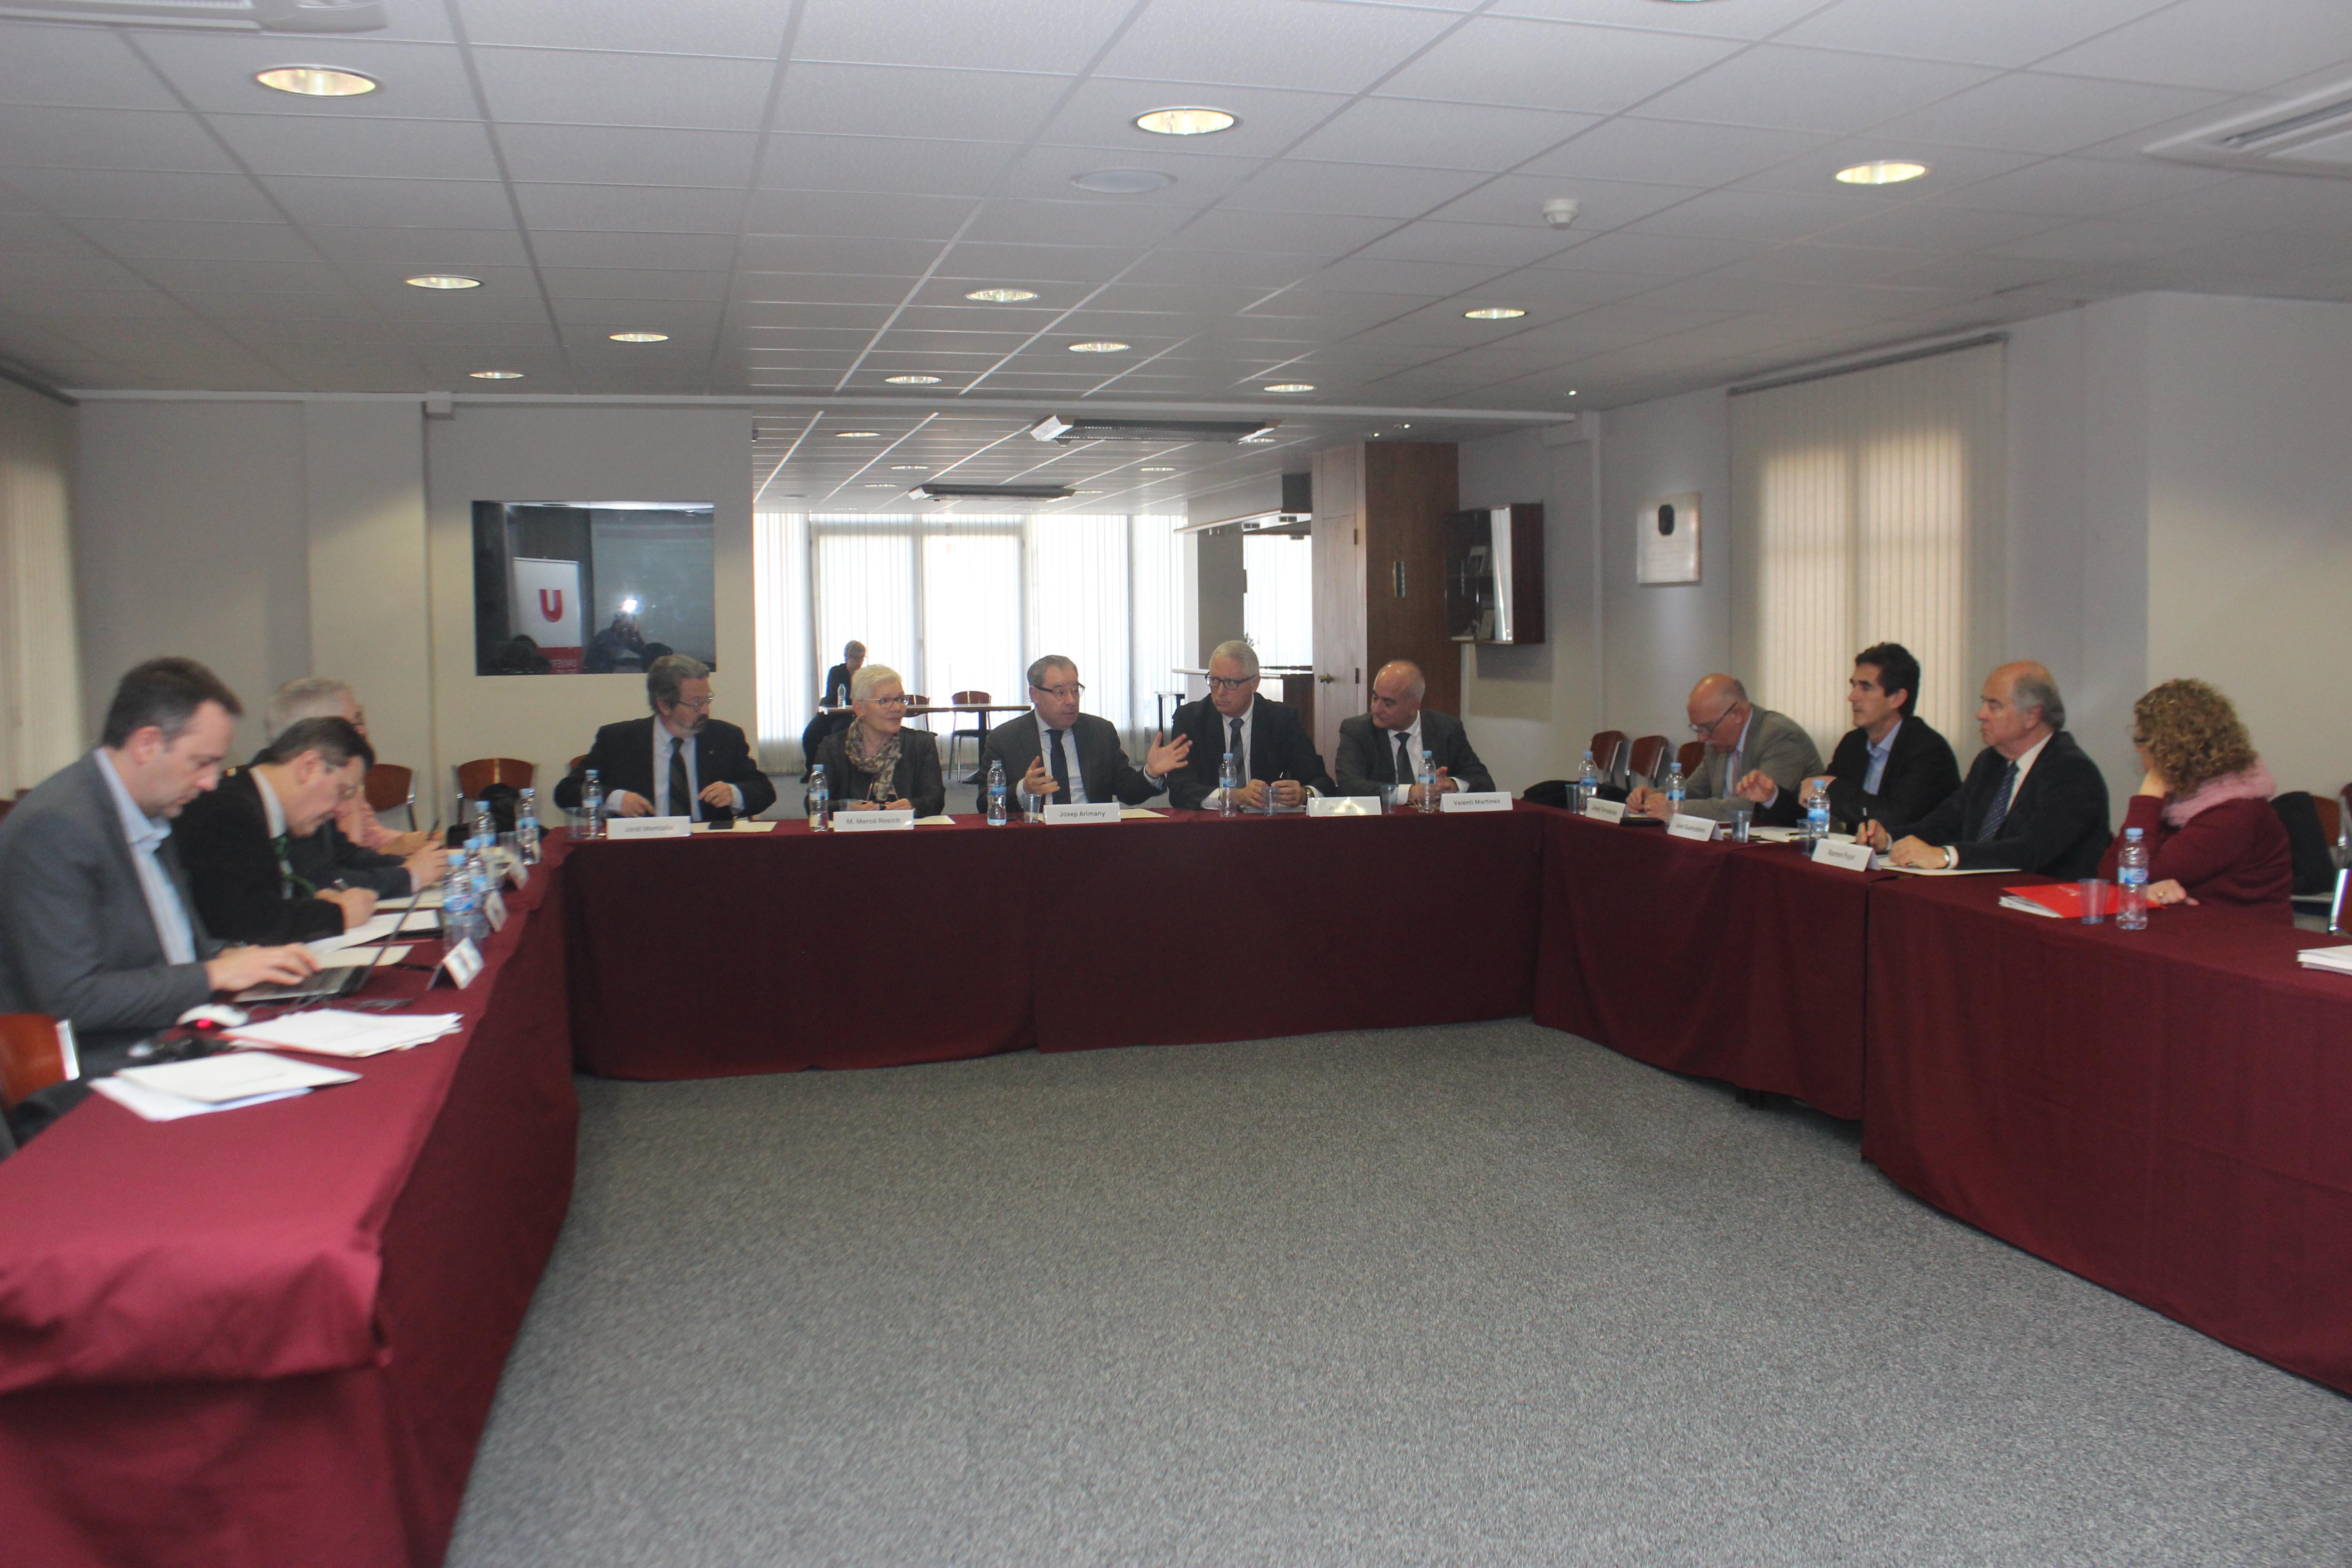 Reunió del Patronat de la FESS a la sala Àtic de l'Espai UVic-UCC Barcelona